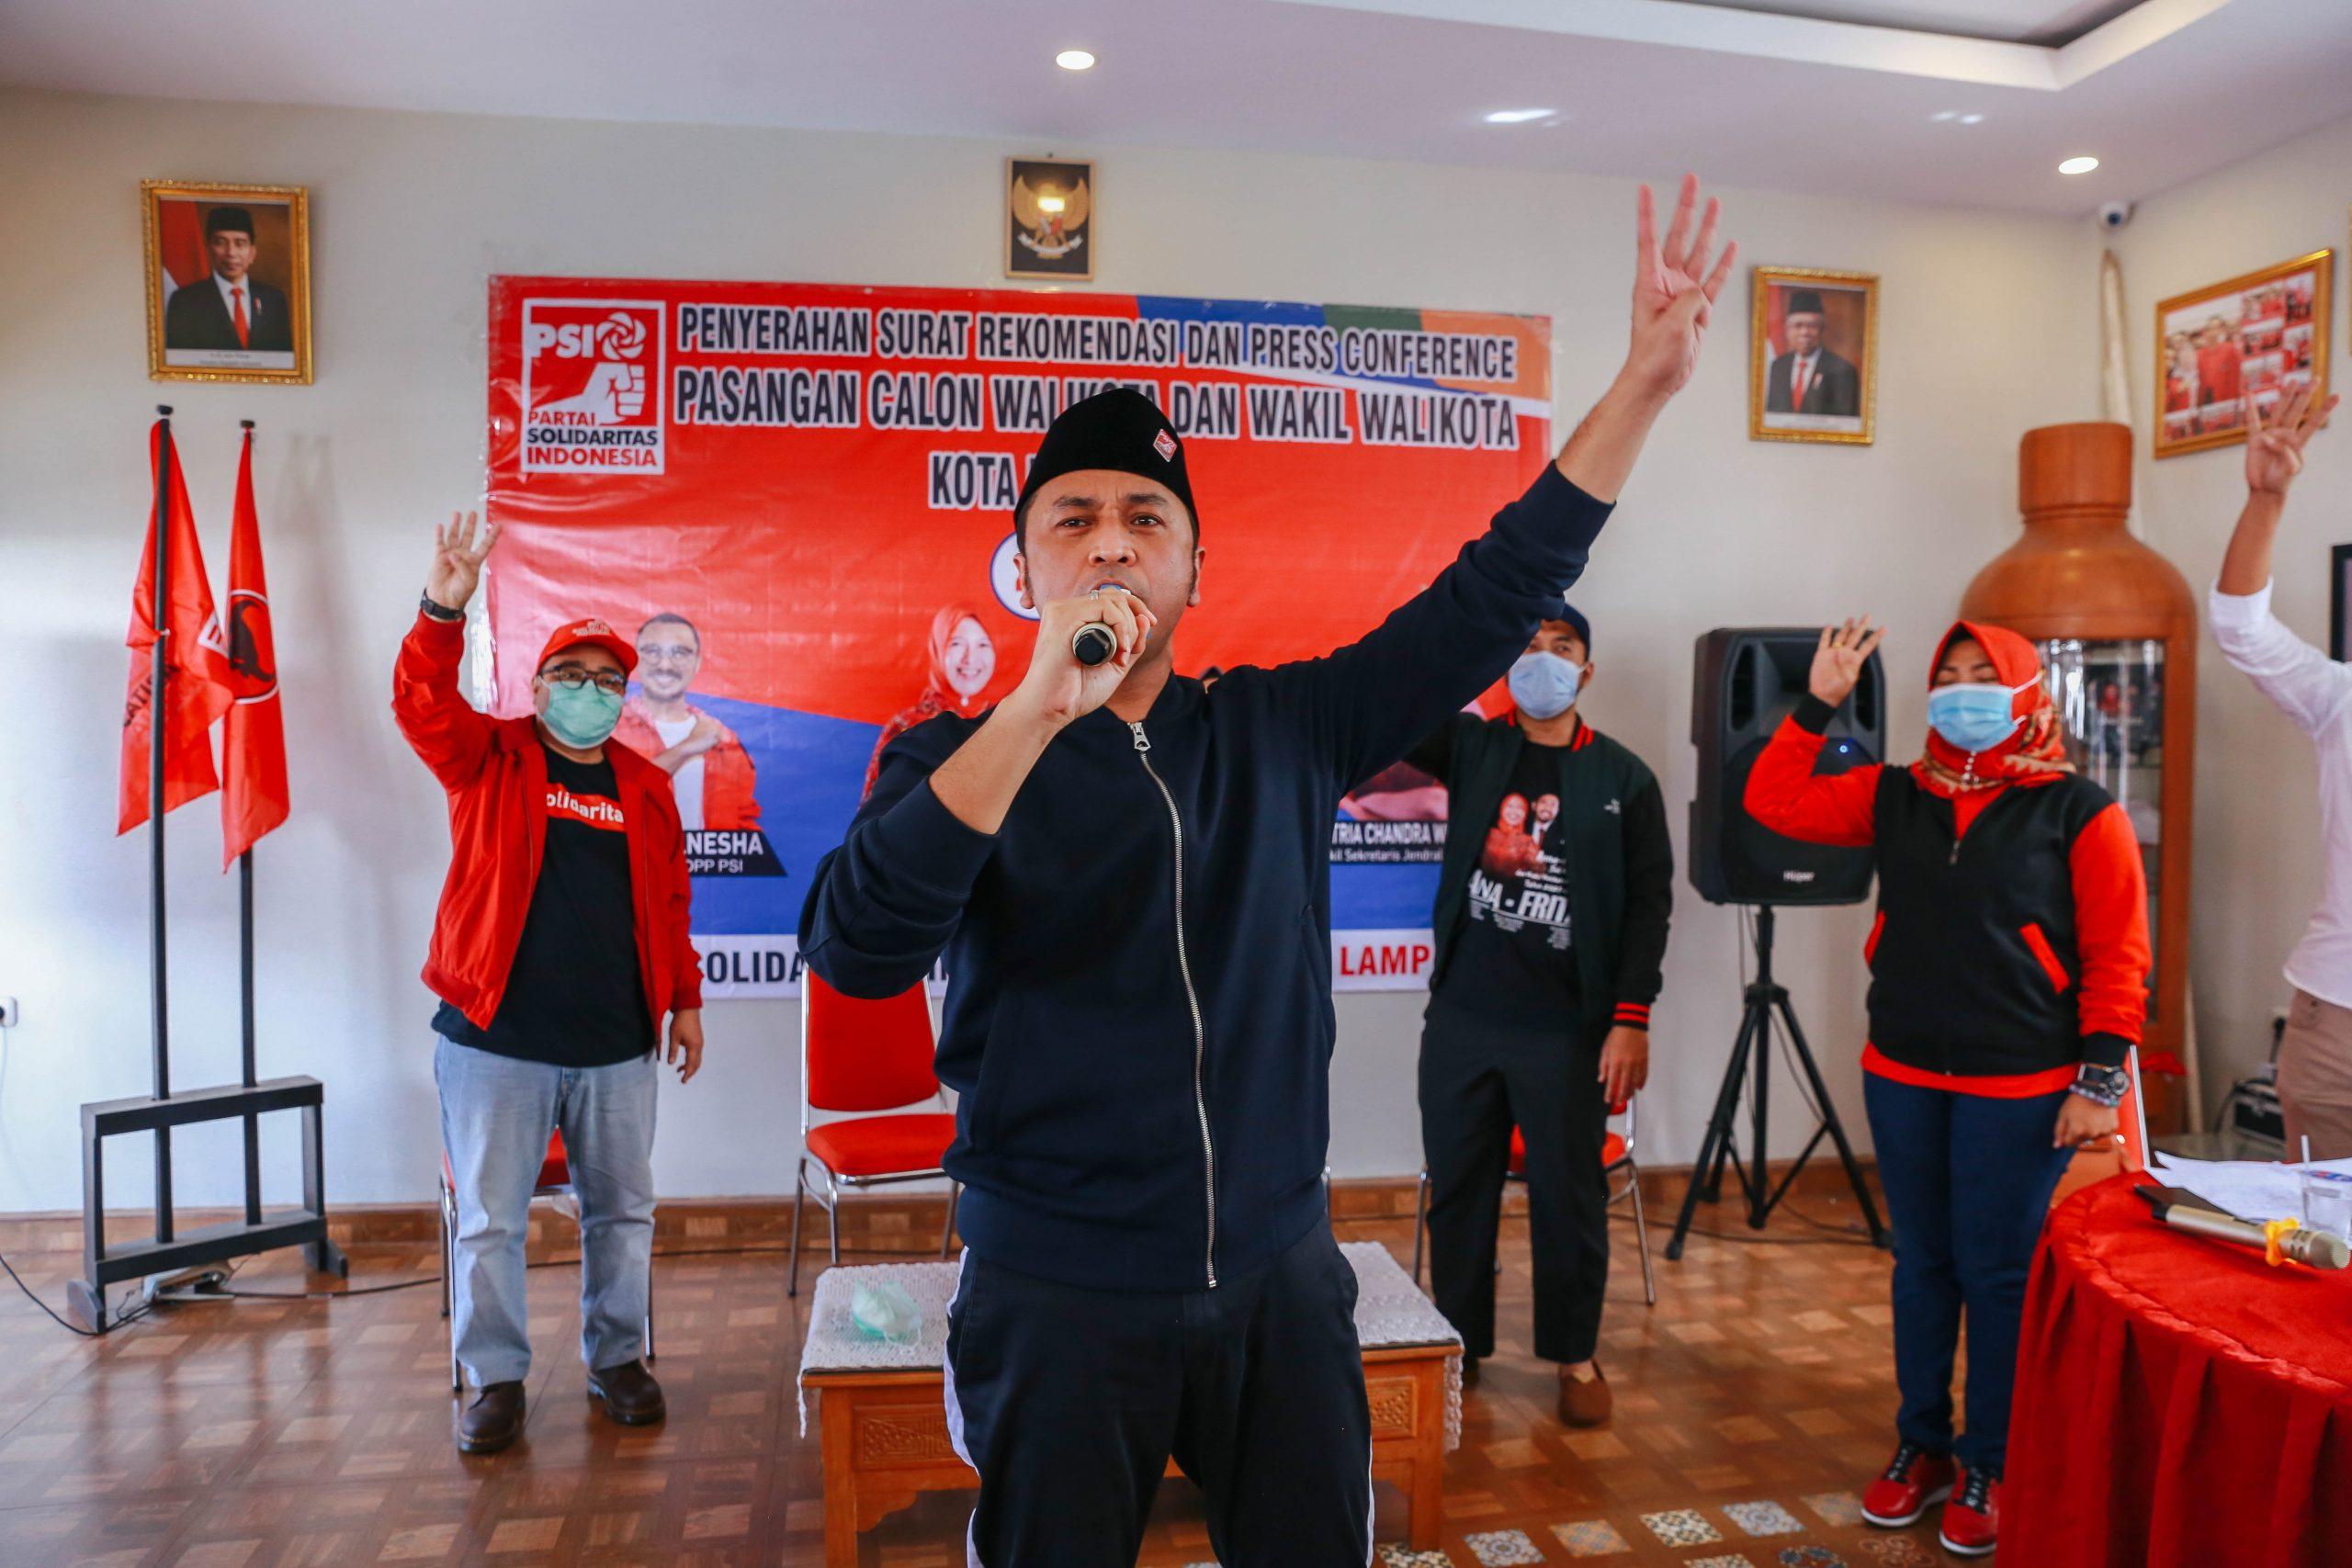 Lampung – 4-5 November 2020